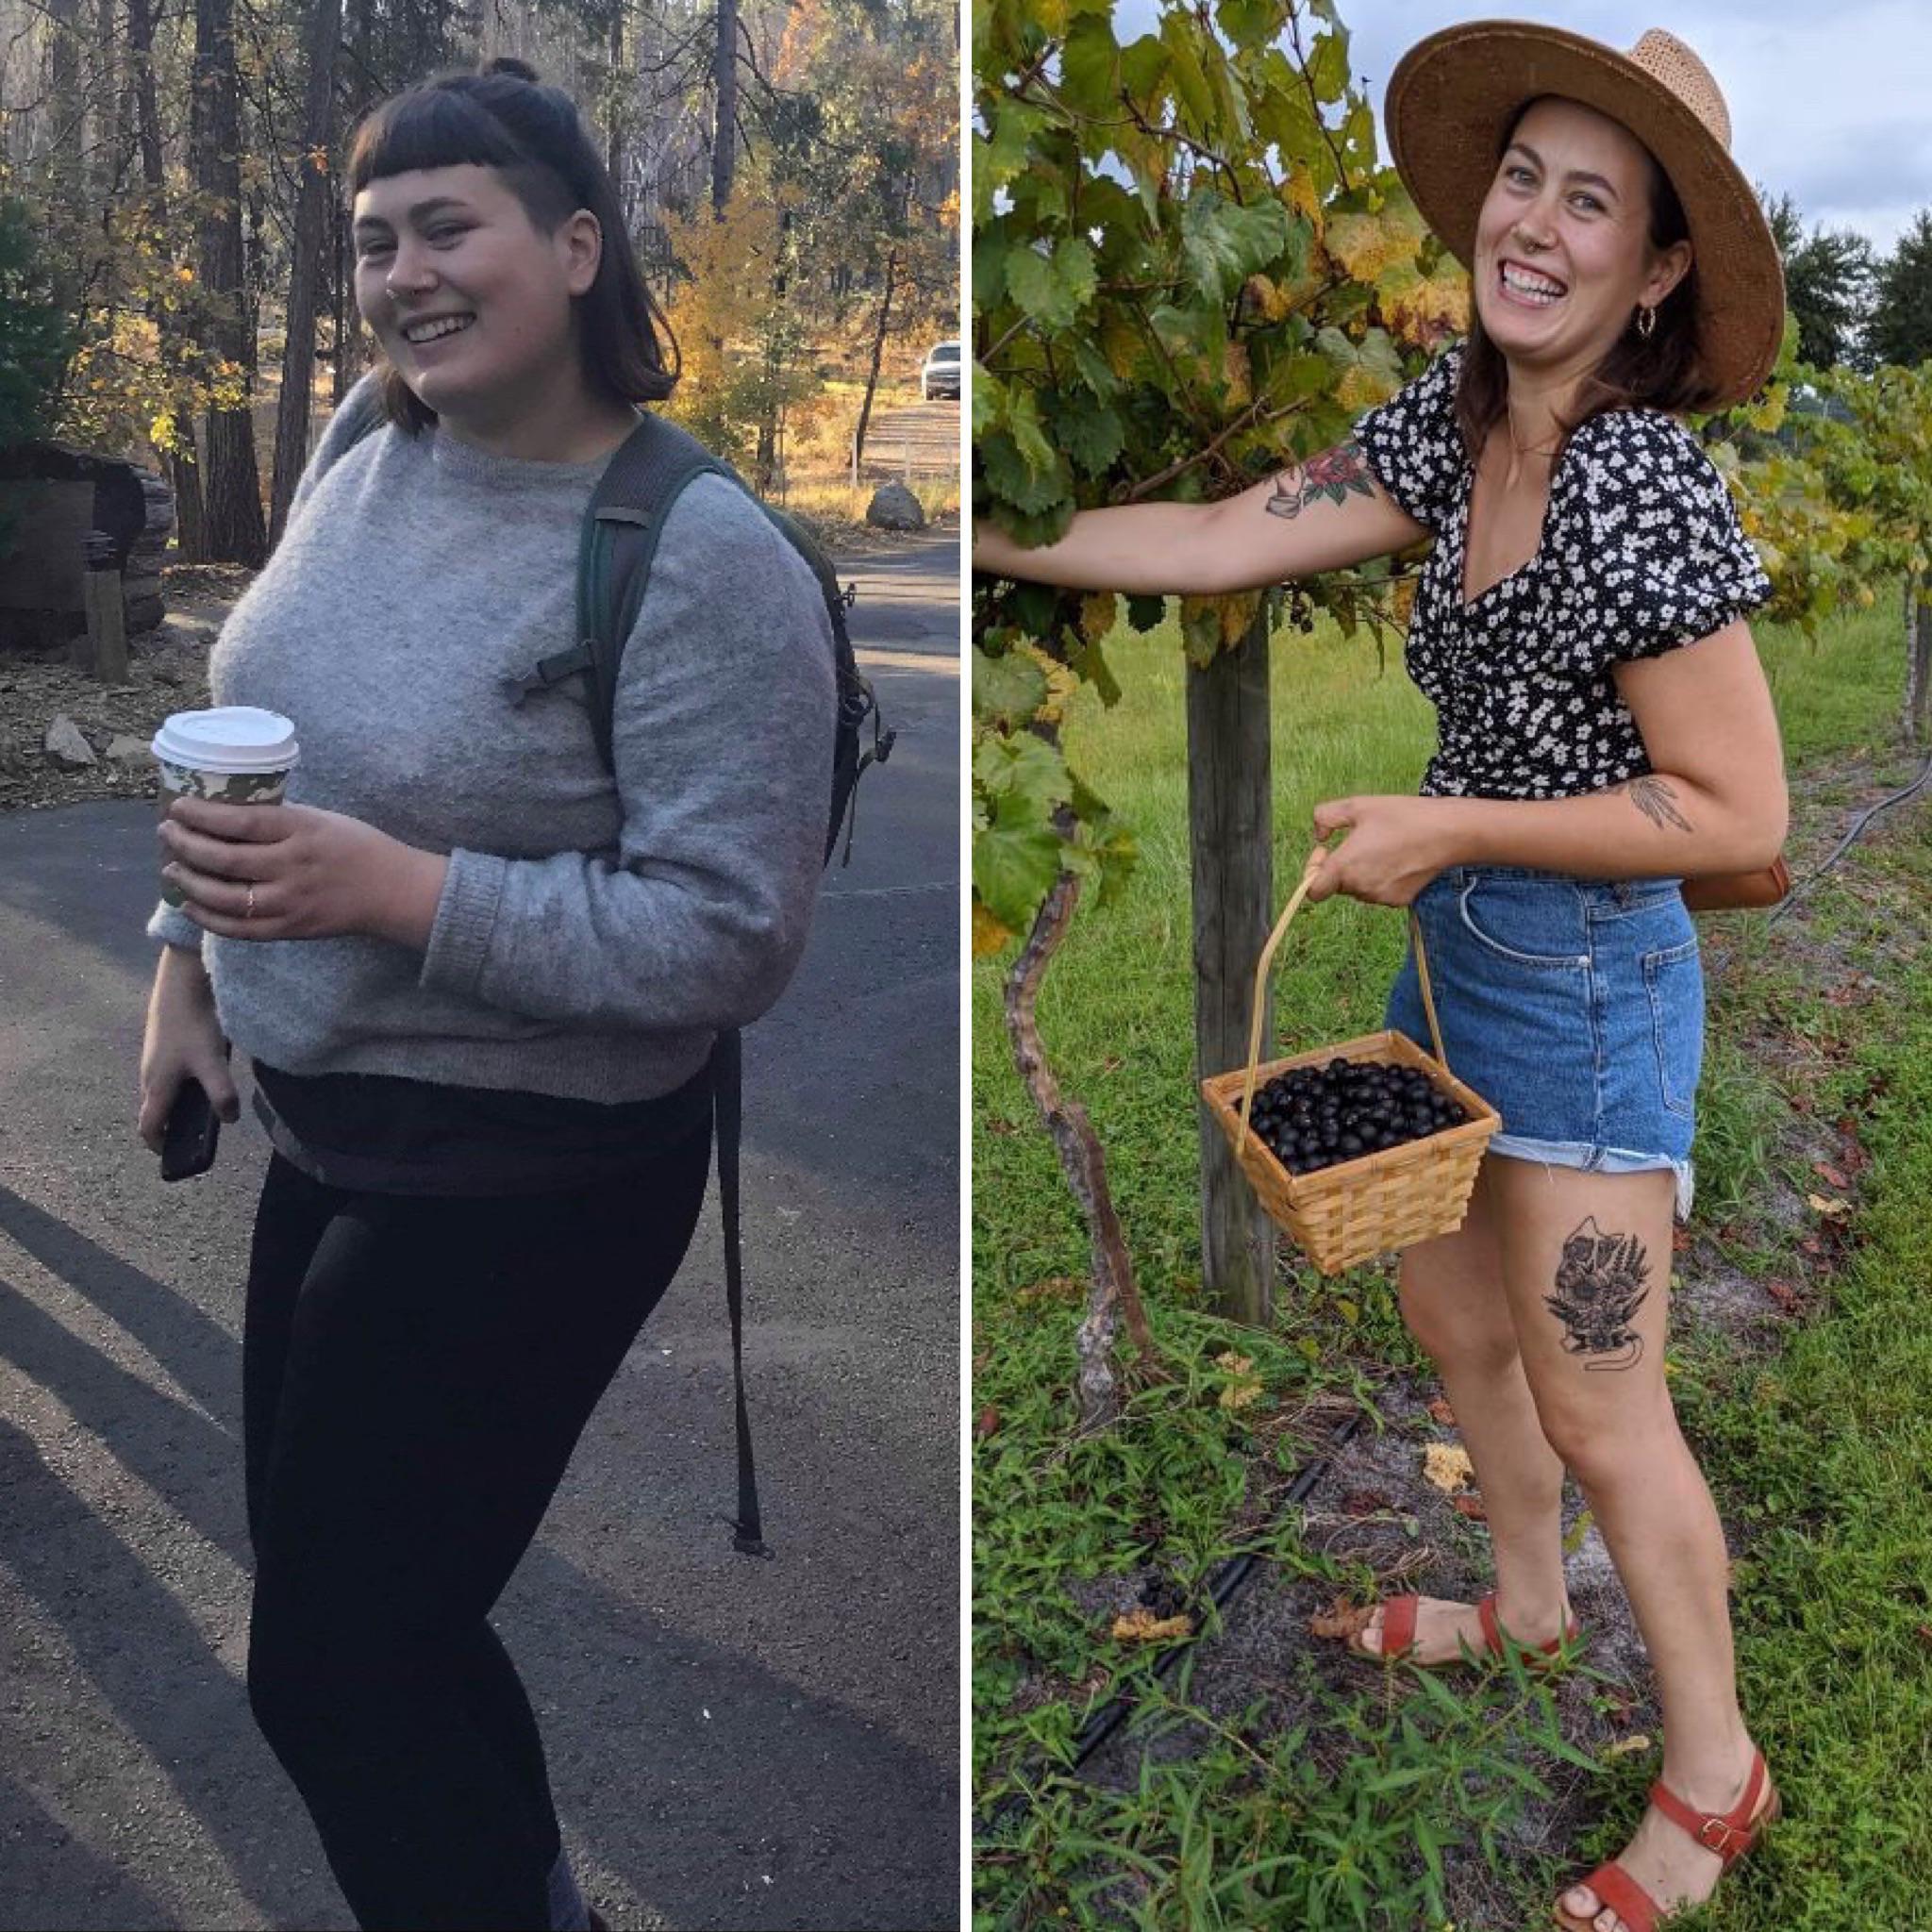 Progress Pics of 76 lbs Fat Loss 5 foot 7 Female 220 lbs to 144 lbs